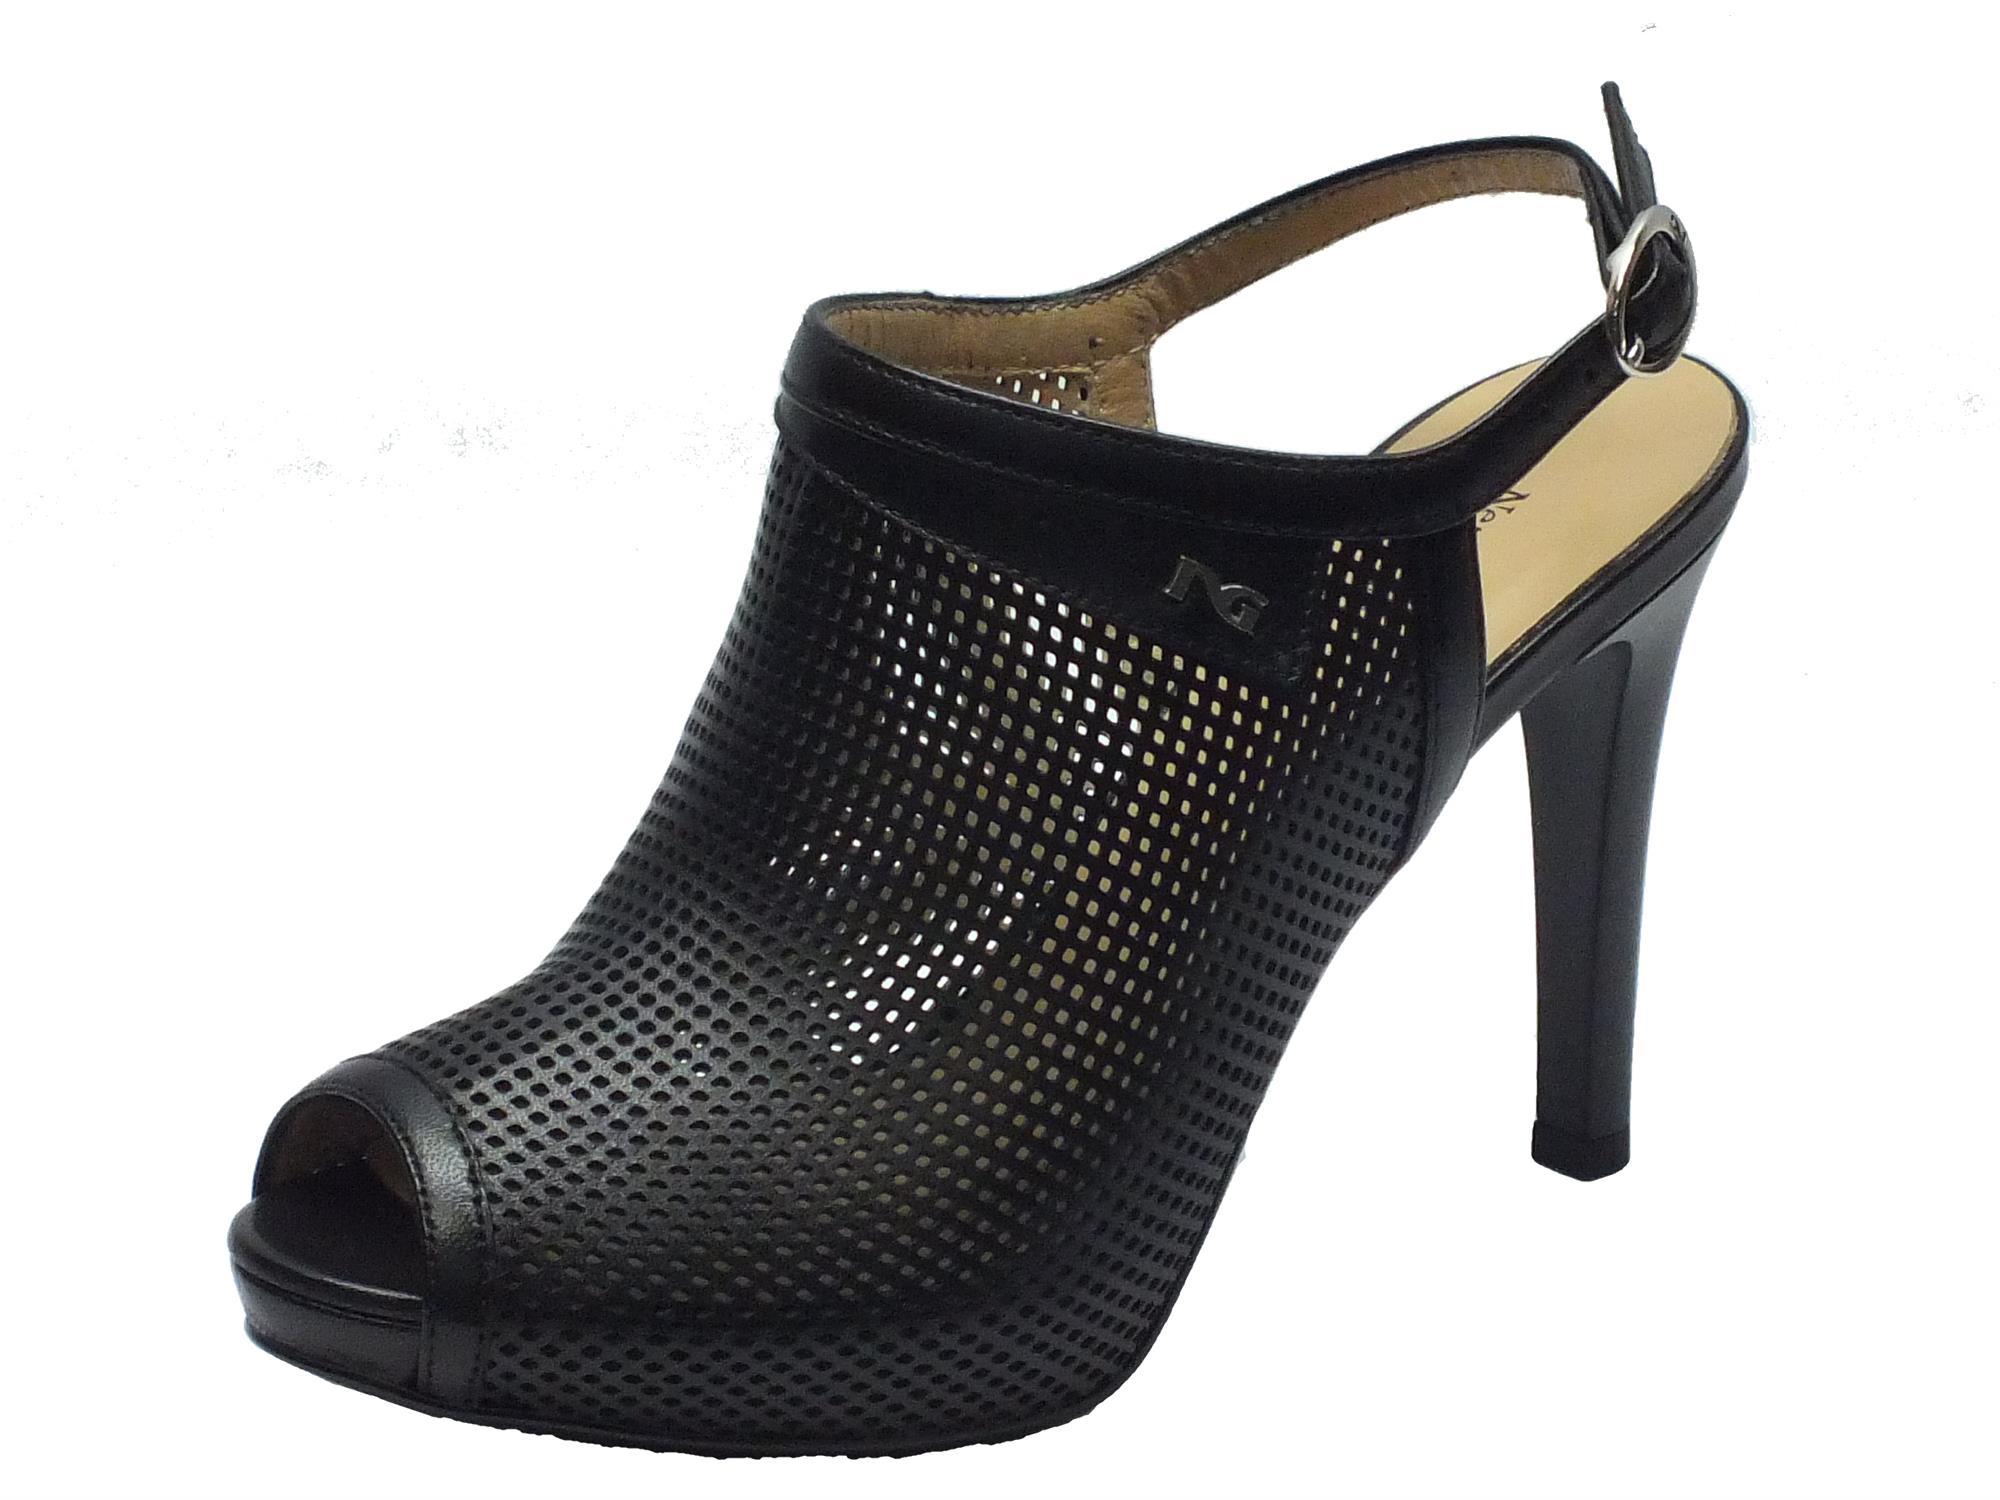 Sandalo NeroGiardini spuntato in pelle traforata nera con tacco alto